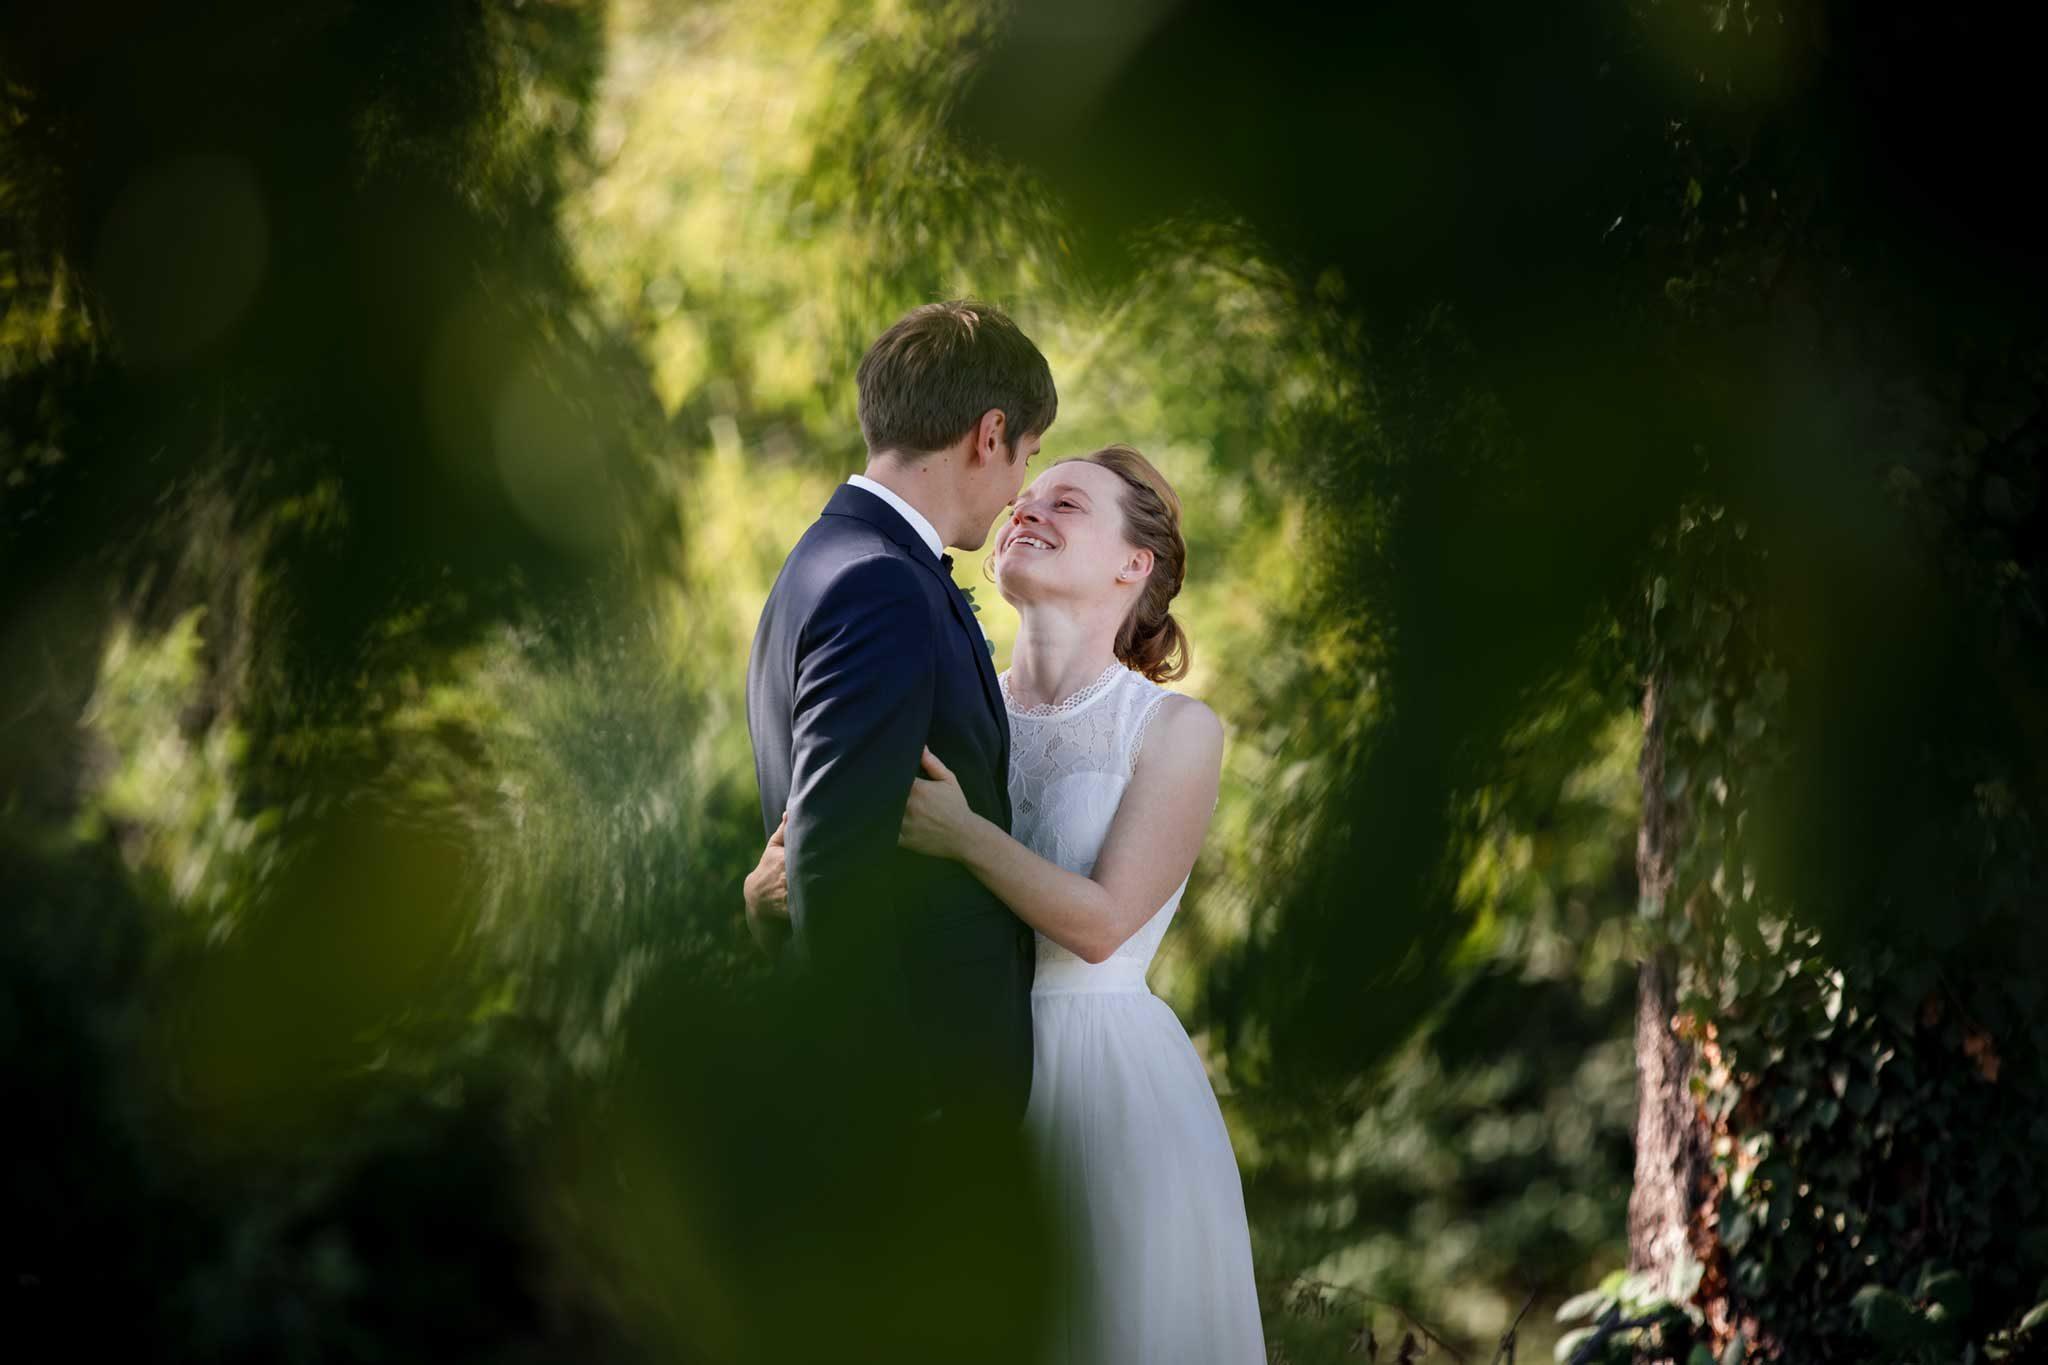 Das Brautpaar steht an einem schattigen Flecken. einfach eine kurze, romantische Auszeit bevor die Feier weitergeht. . Echte Hochzeit in Wiesloch, Brautpaar Fotos im Grünen am Gänsberg, Wiesloch, Braut schaut engumschlungen dem Bräutigam in die Augen. Hochzeiten.